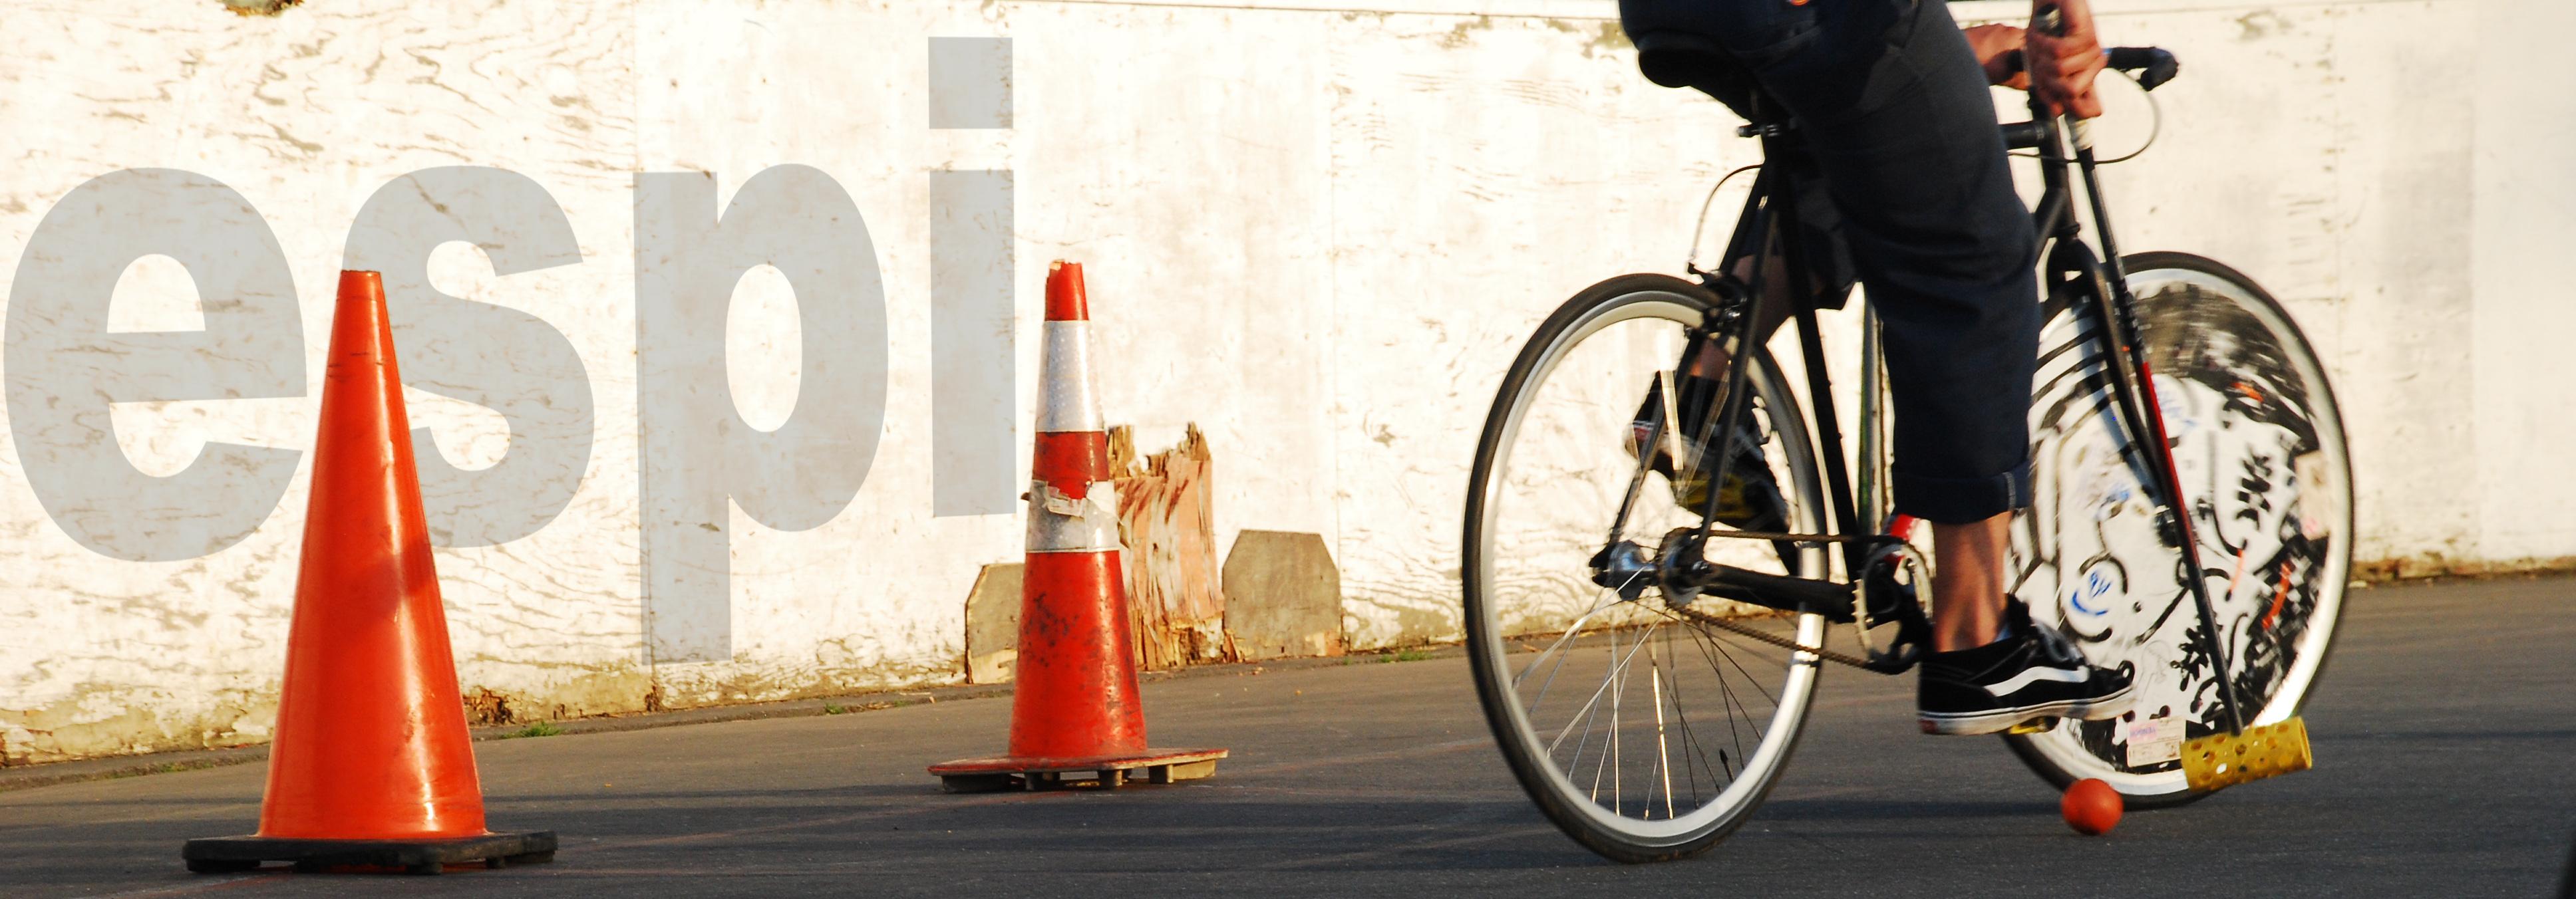 ESPI 4 MAY 2-3 | Legit Bike Polo